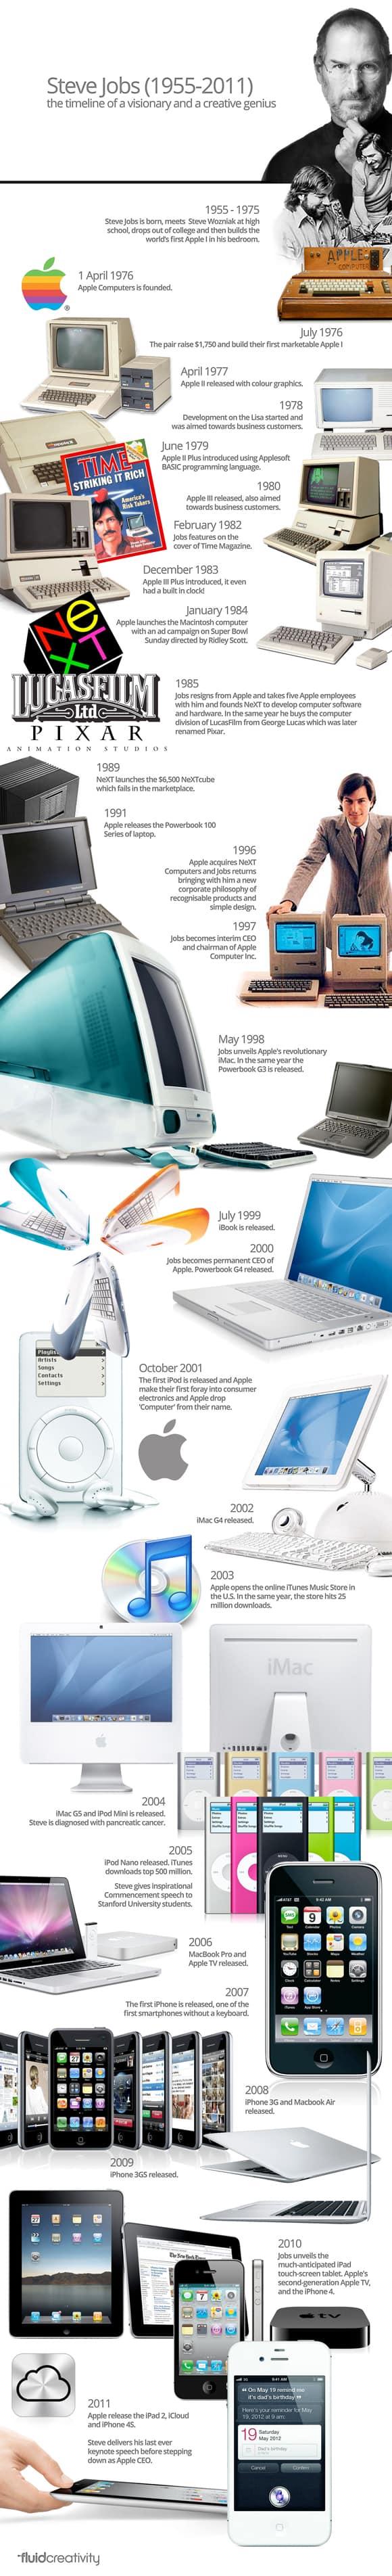 8 steve jobs infographic 18 Stunning Steve Jobs Infographics